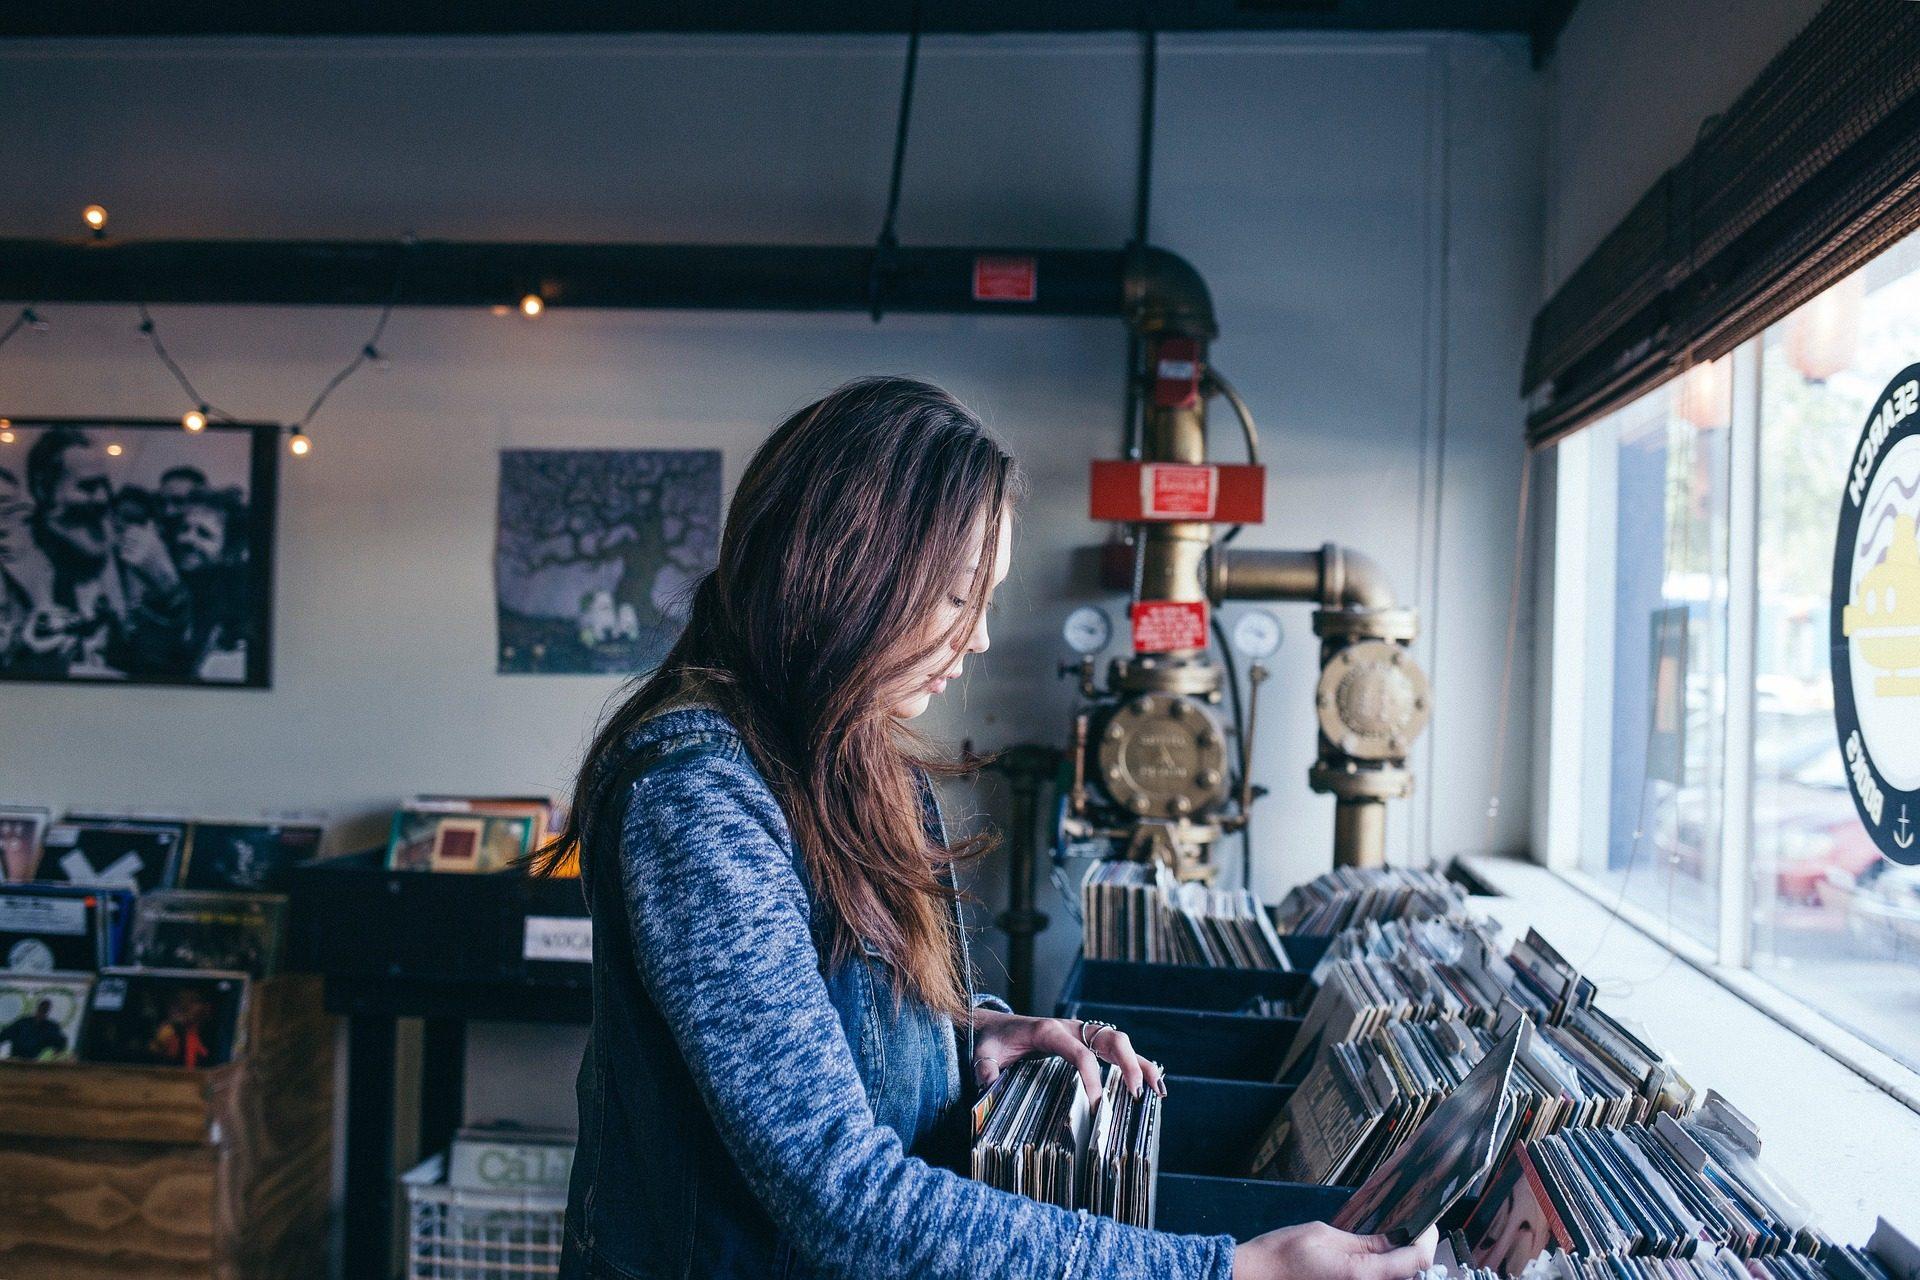 mujer, tienda, música, discos, vinilos - Fondos de Pantalla HD - professor-falken.com